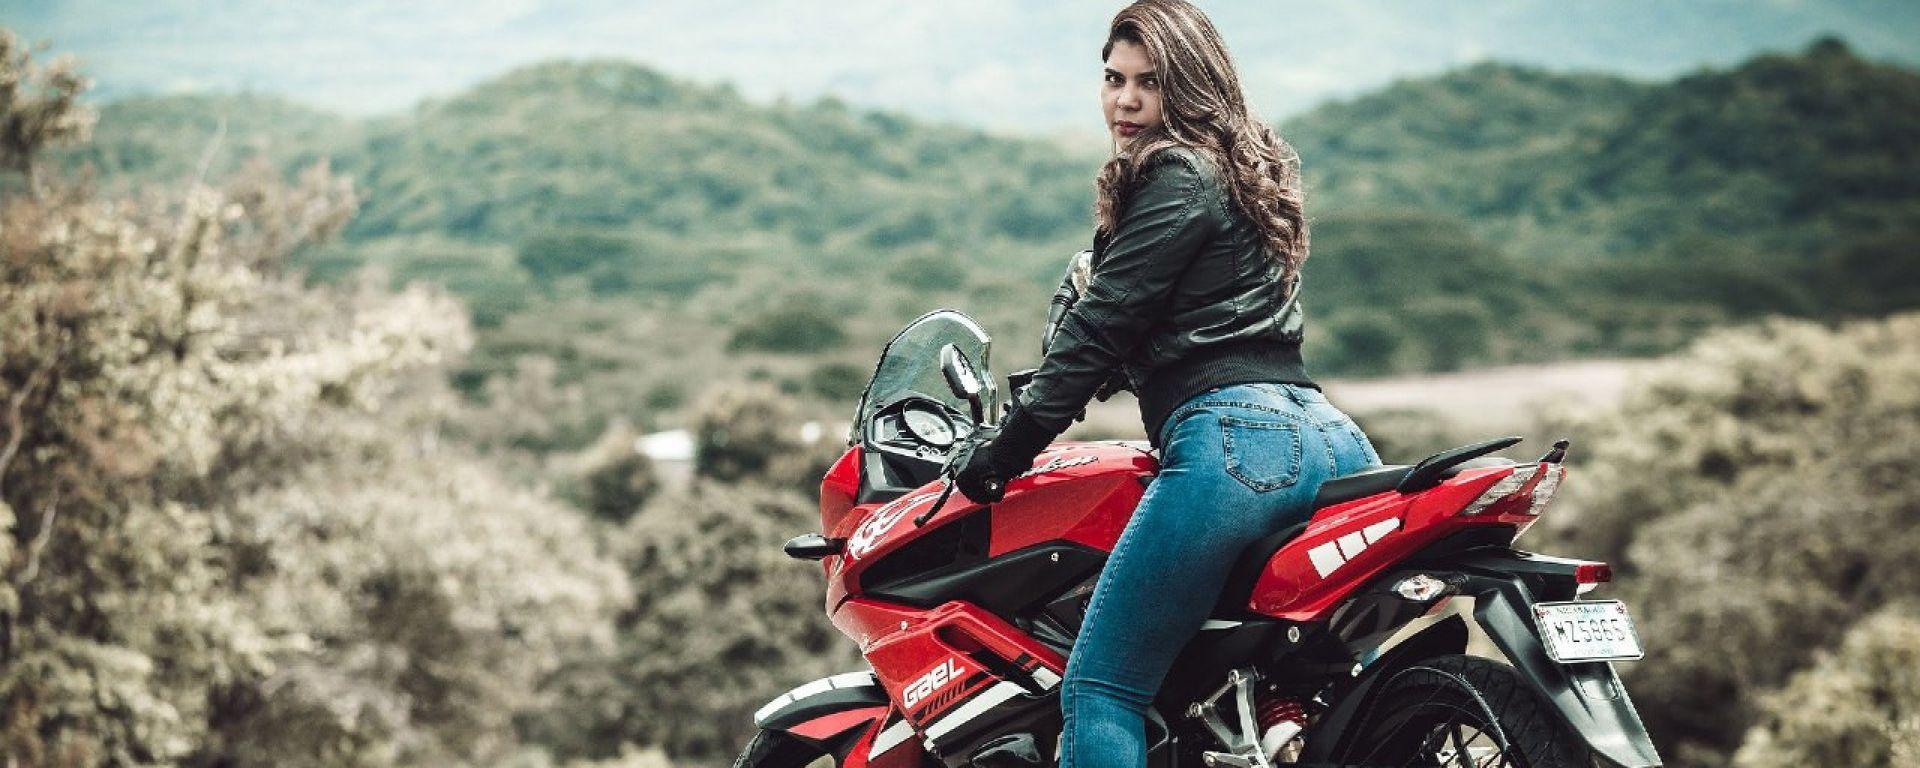 Mercato moto e scooter, a marzo 2019 performance di vendita esaltanti